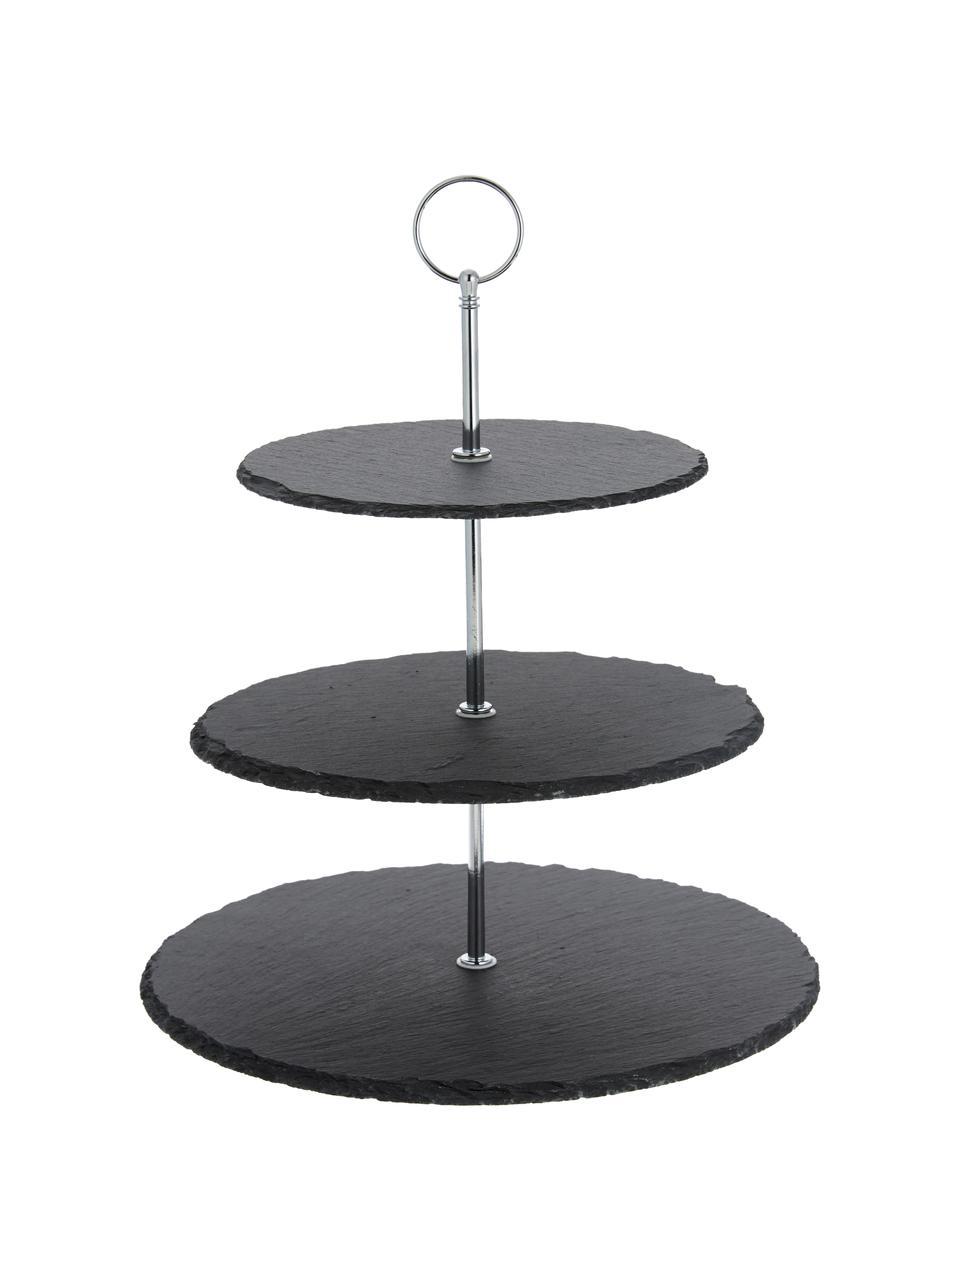 Etagere Cooper mit Schiefernplatten, Ø 30 cm, Stange: Metall, verchromt, Schwarz, Chrom, Ø 30 x H 31 cm